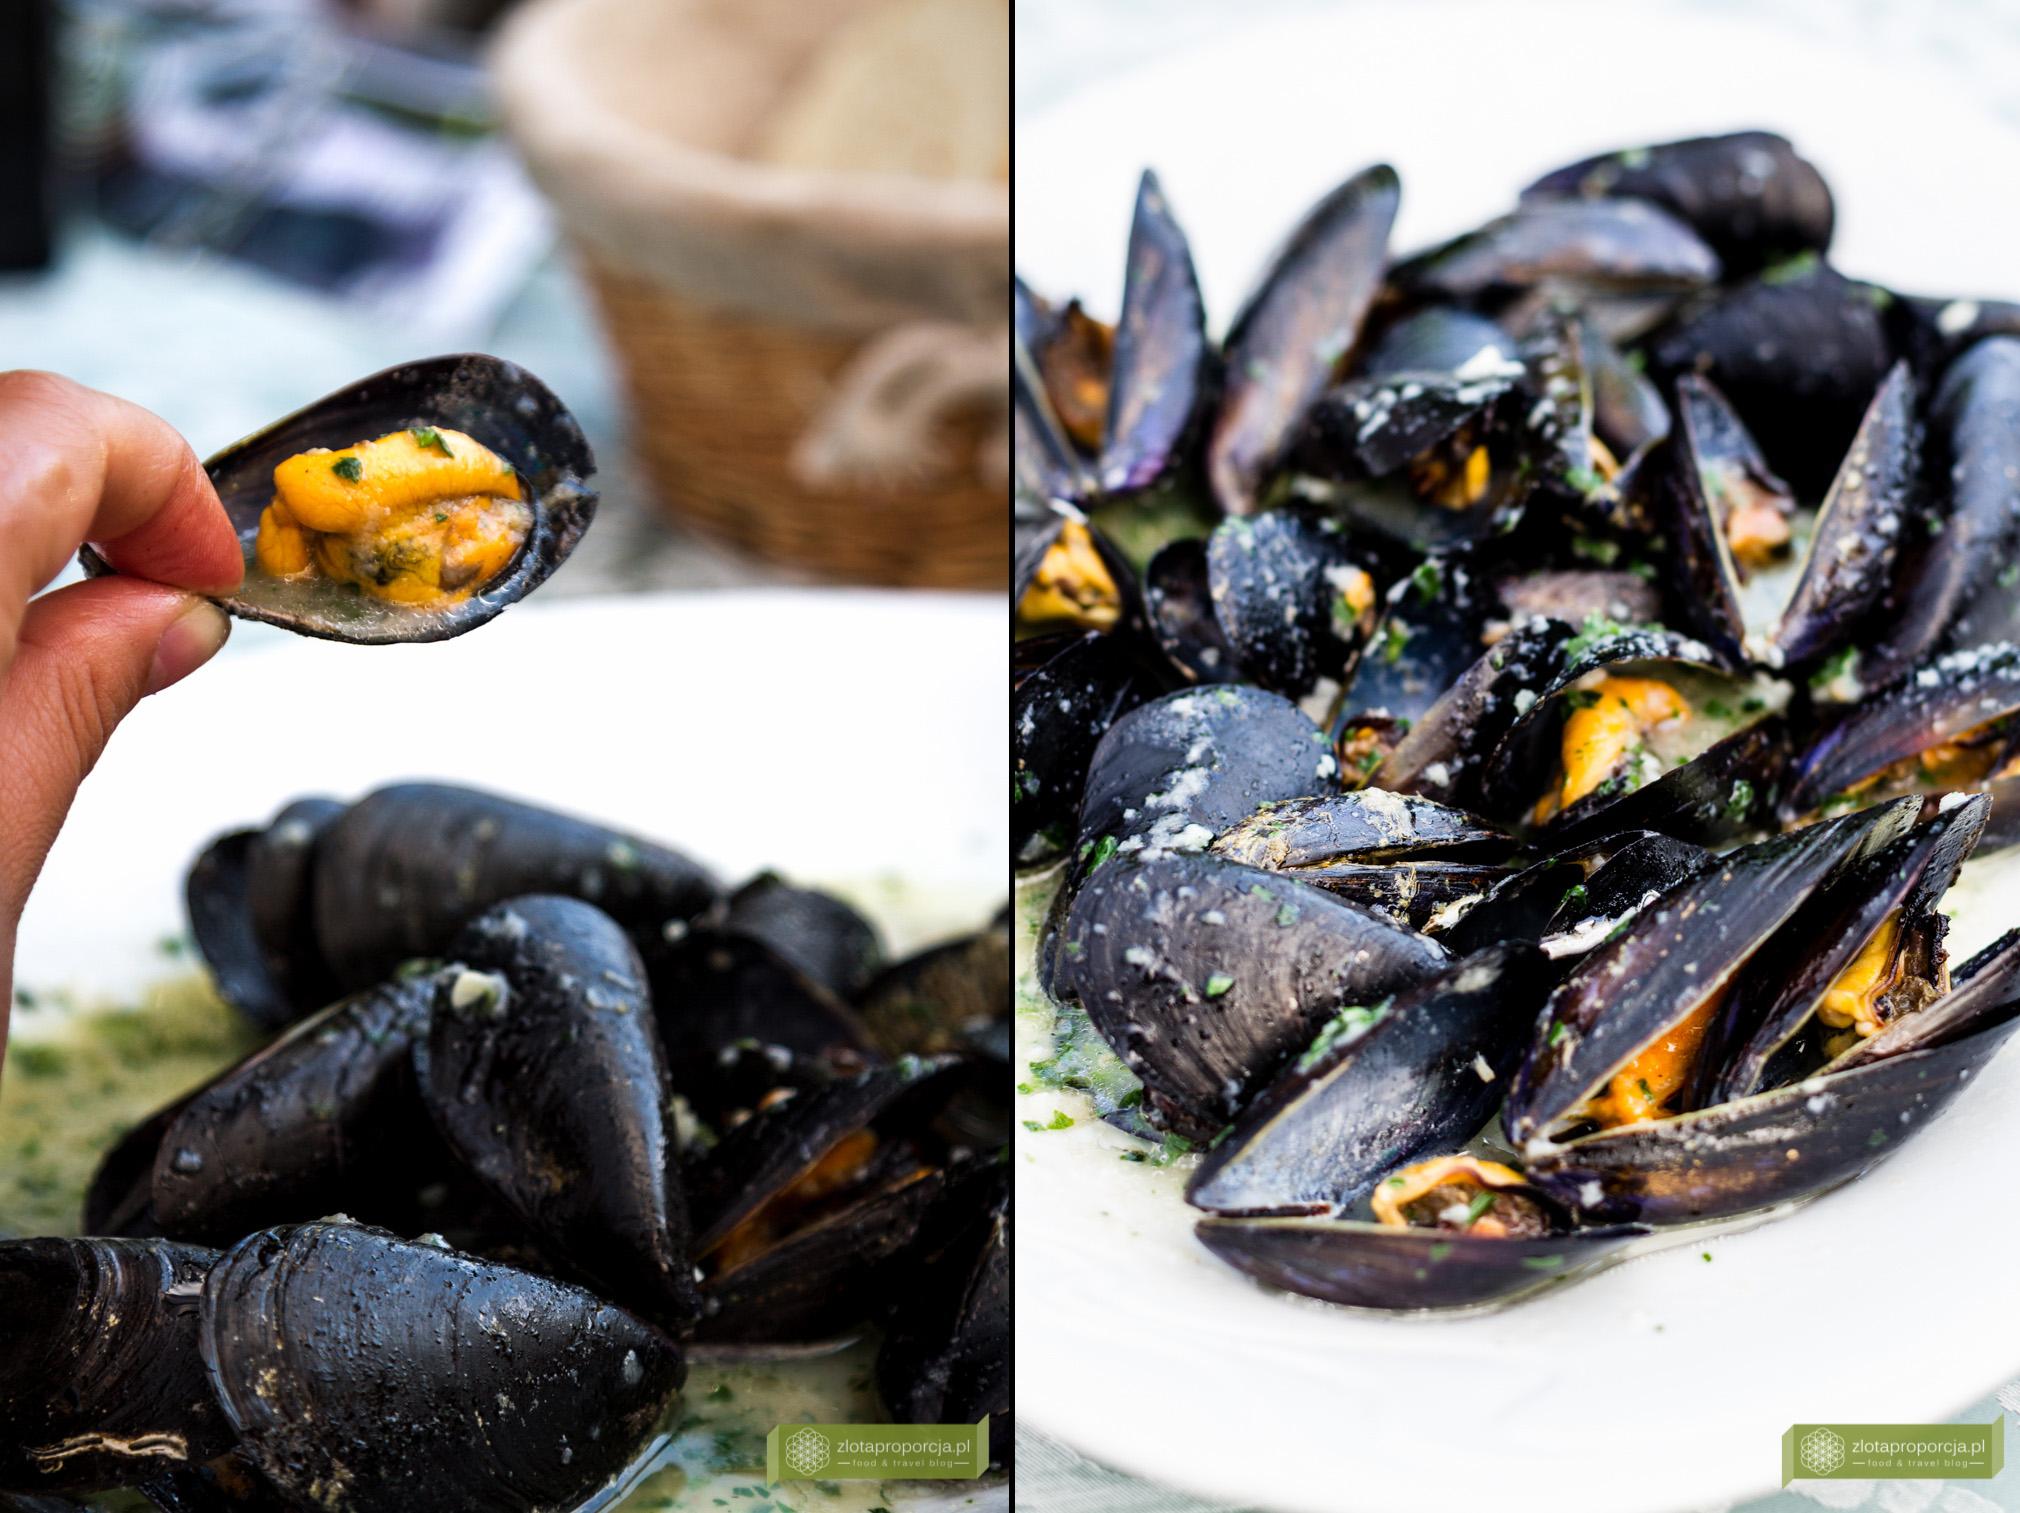 kuchnia chorwacka, kuchnia Istrii, Istria, co zjeść na Istrii, mule, kanał Limski